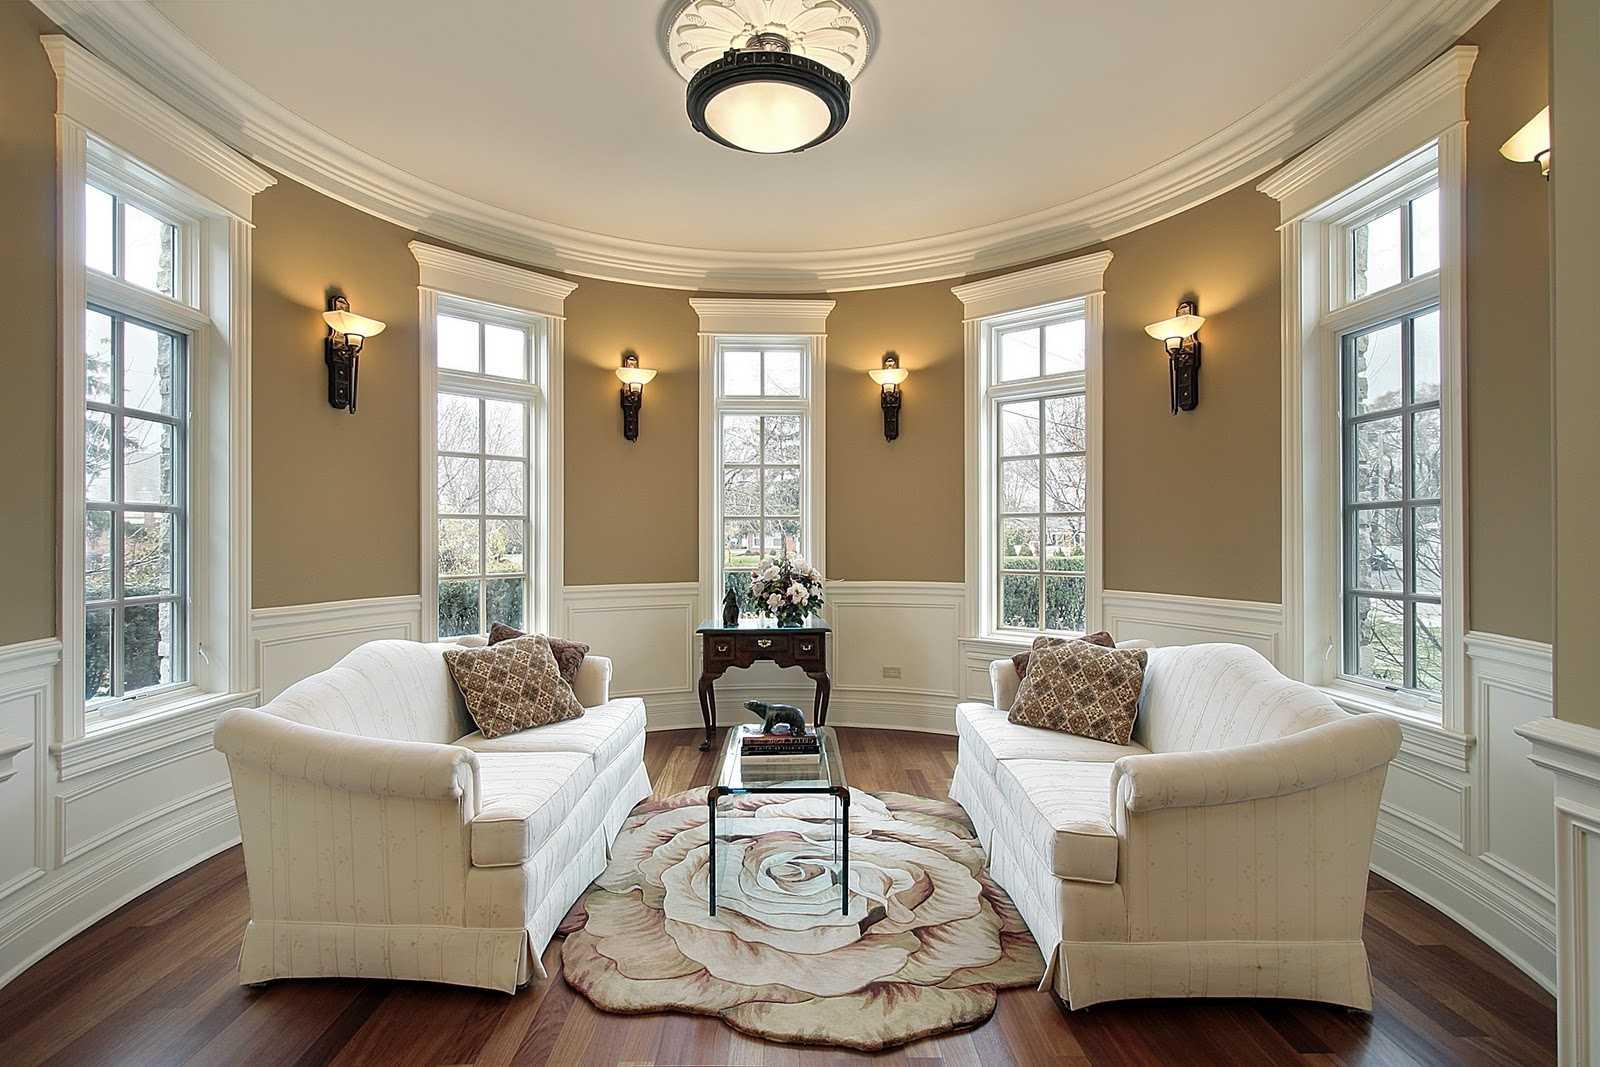 Lampu Hias Ruang Tamu Sederhana Desain Gambar Foto Tipe Rumah Minimalis Desain Gambar Foto Tipe Rumah Minimalis